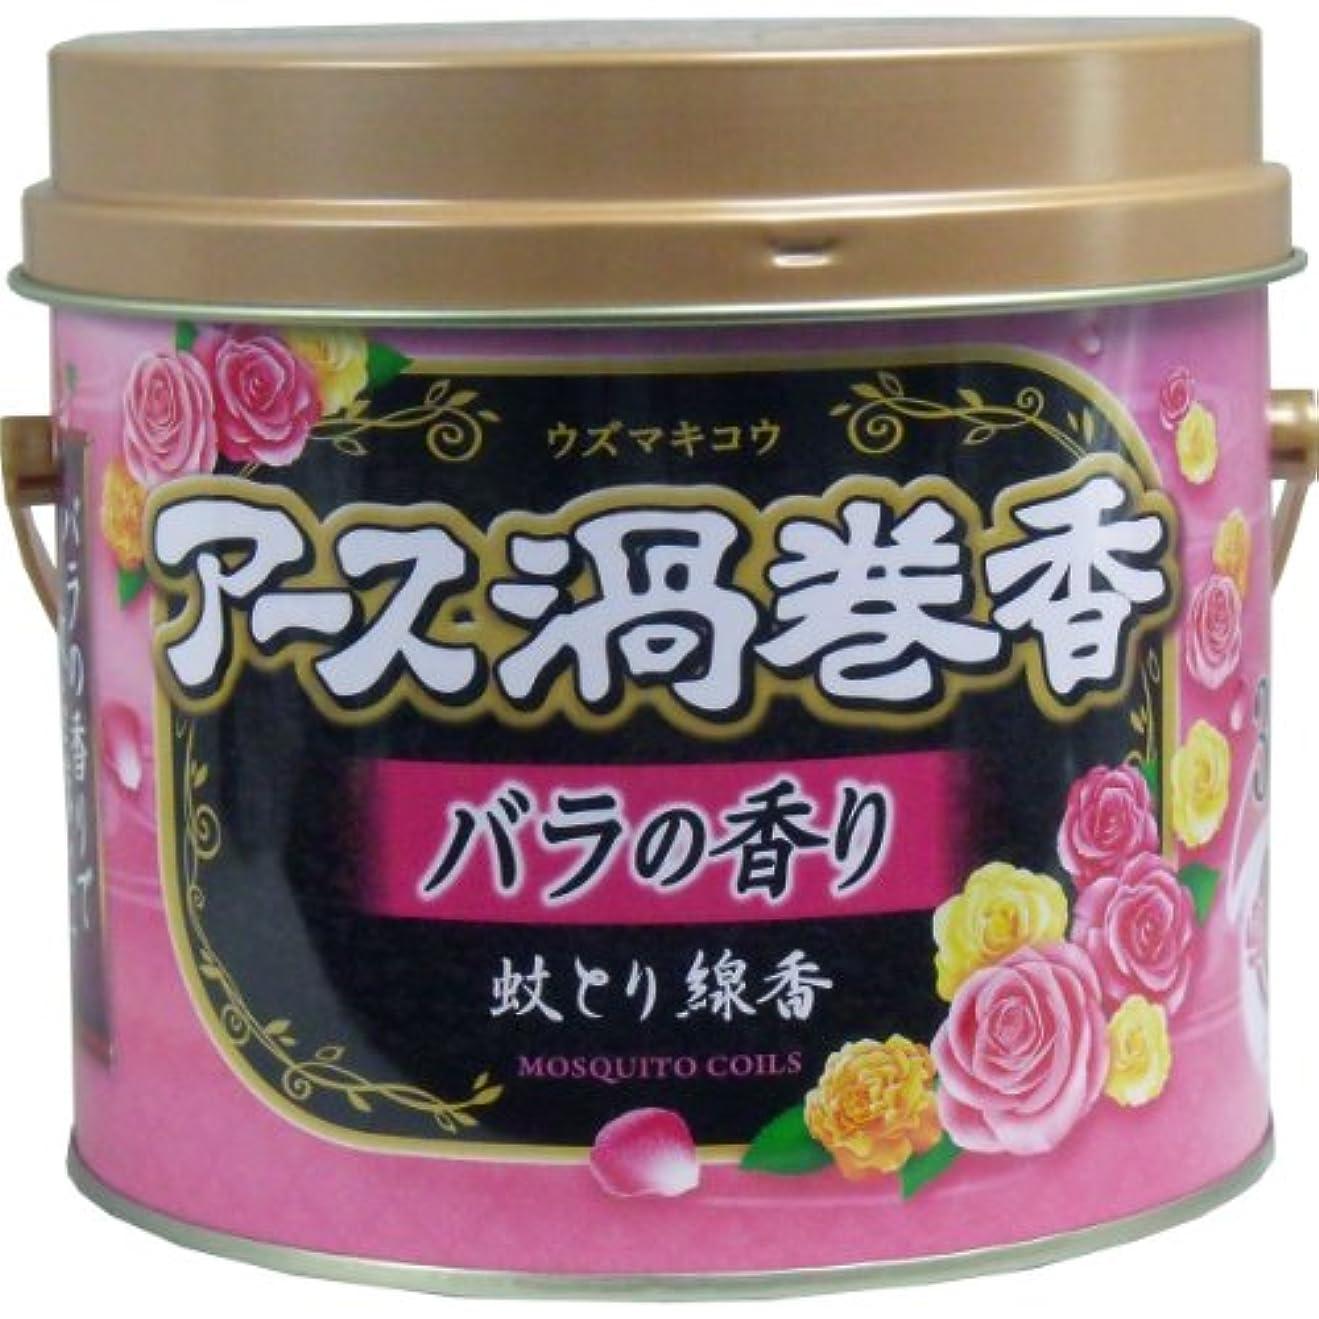 アース渦巻香 蚊とり線香 バラの香り 30巻「5点セット」